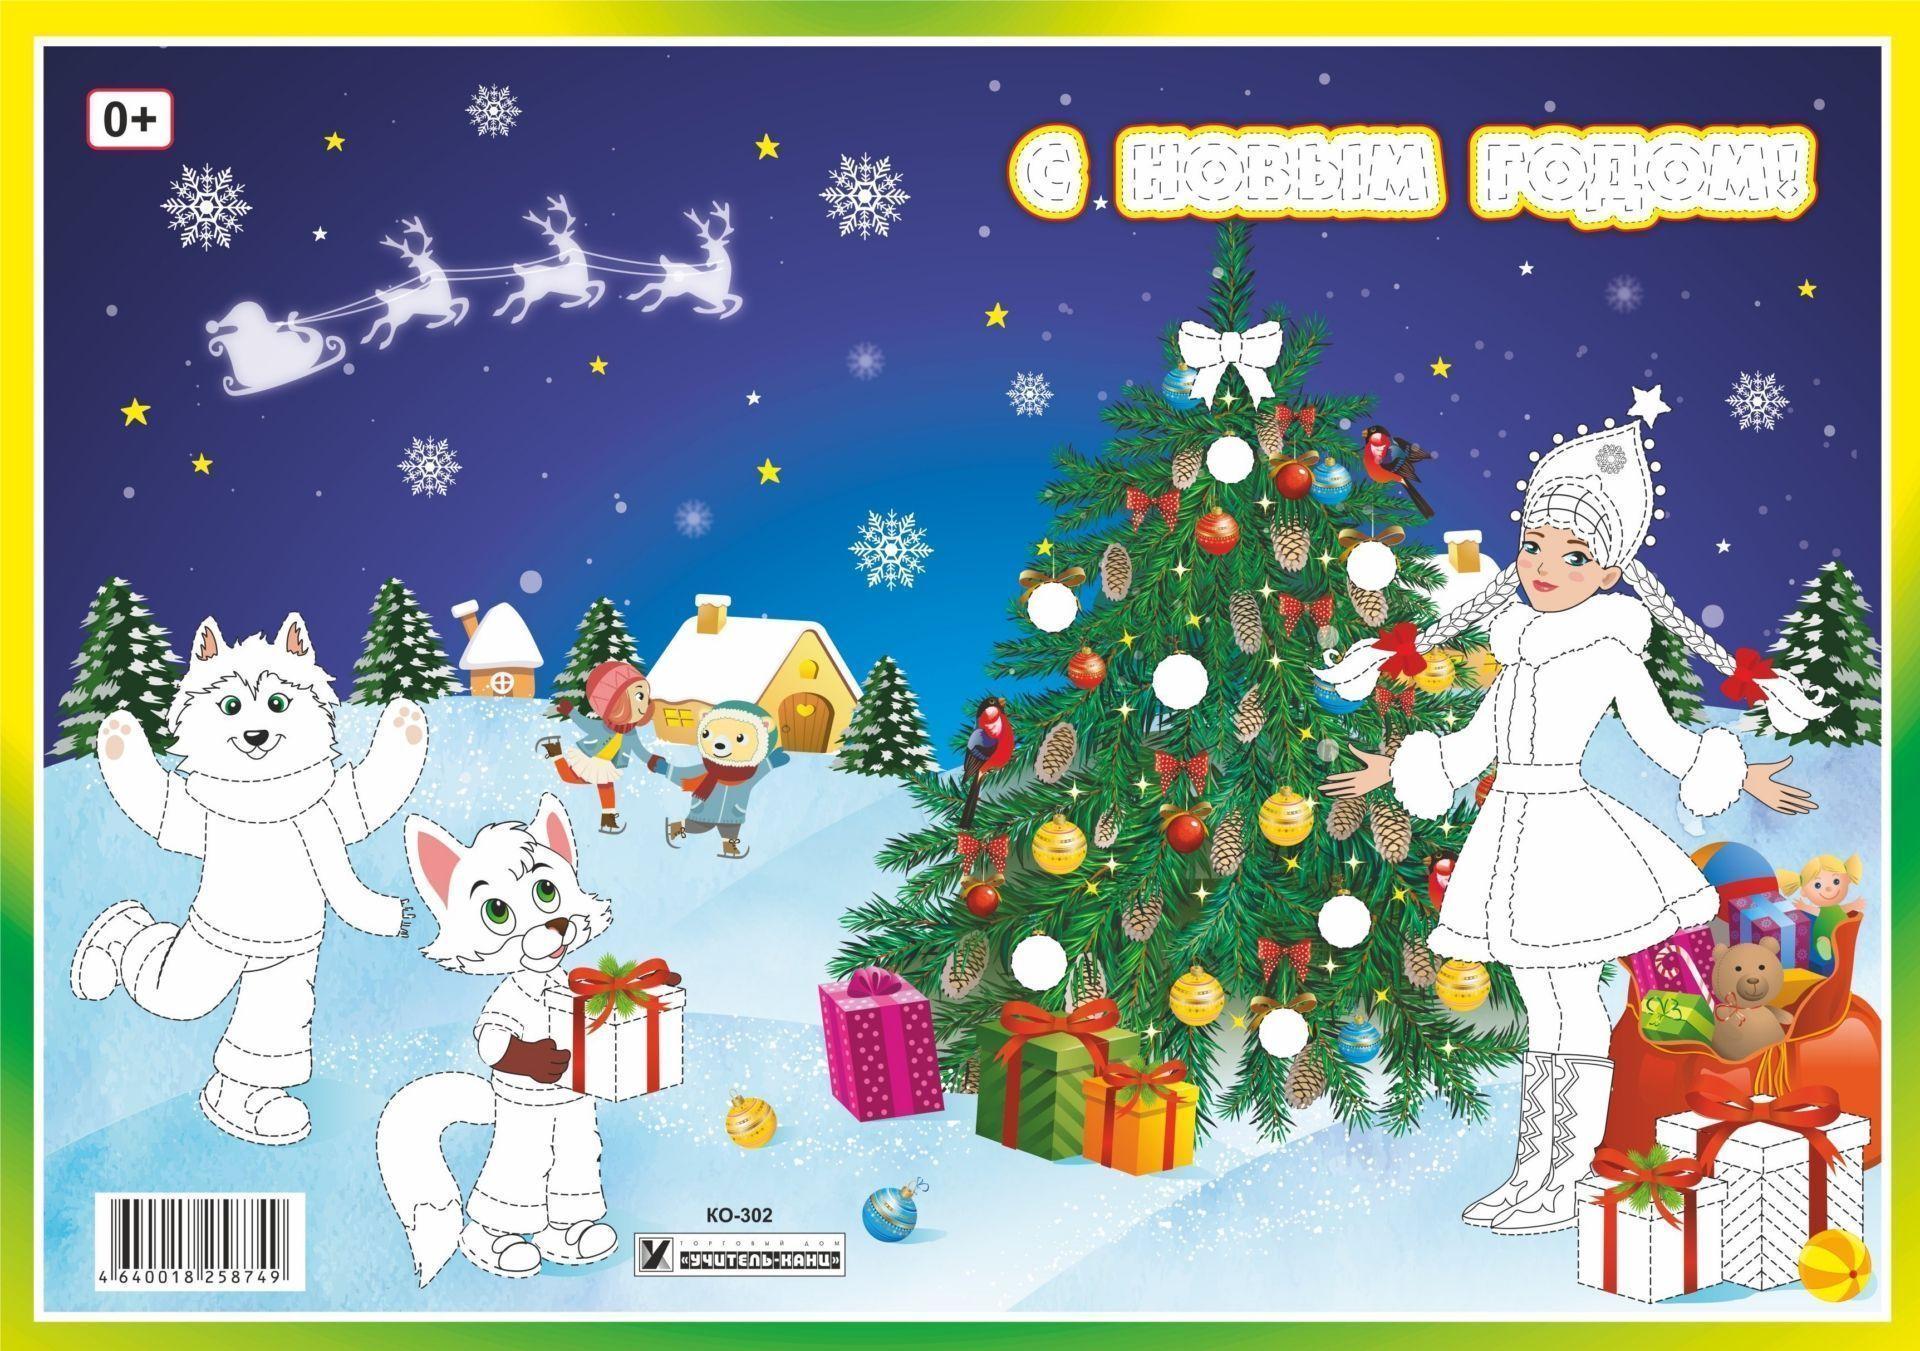 Открытка-раскраска С Новым Годом!С Новым годом<br>Делать подарки своими руками для родных - это замечательная традиция, которая всегда актуальна в педагогической и родительской практике. Детям всегда приятно дарить подарки, которые они подготовили сами или вместе со взрослыми. В этом случае каждый подаро...<br><br>Год: 2017<br>Серия: Открытка-раскраска<br>Высота: 210<br>Ширина: 148